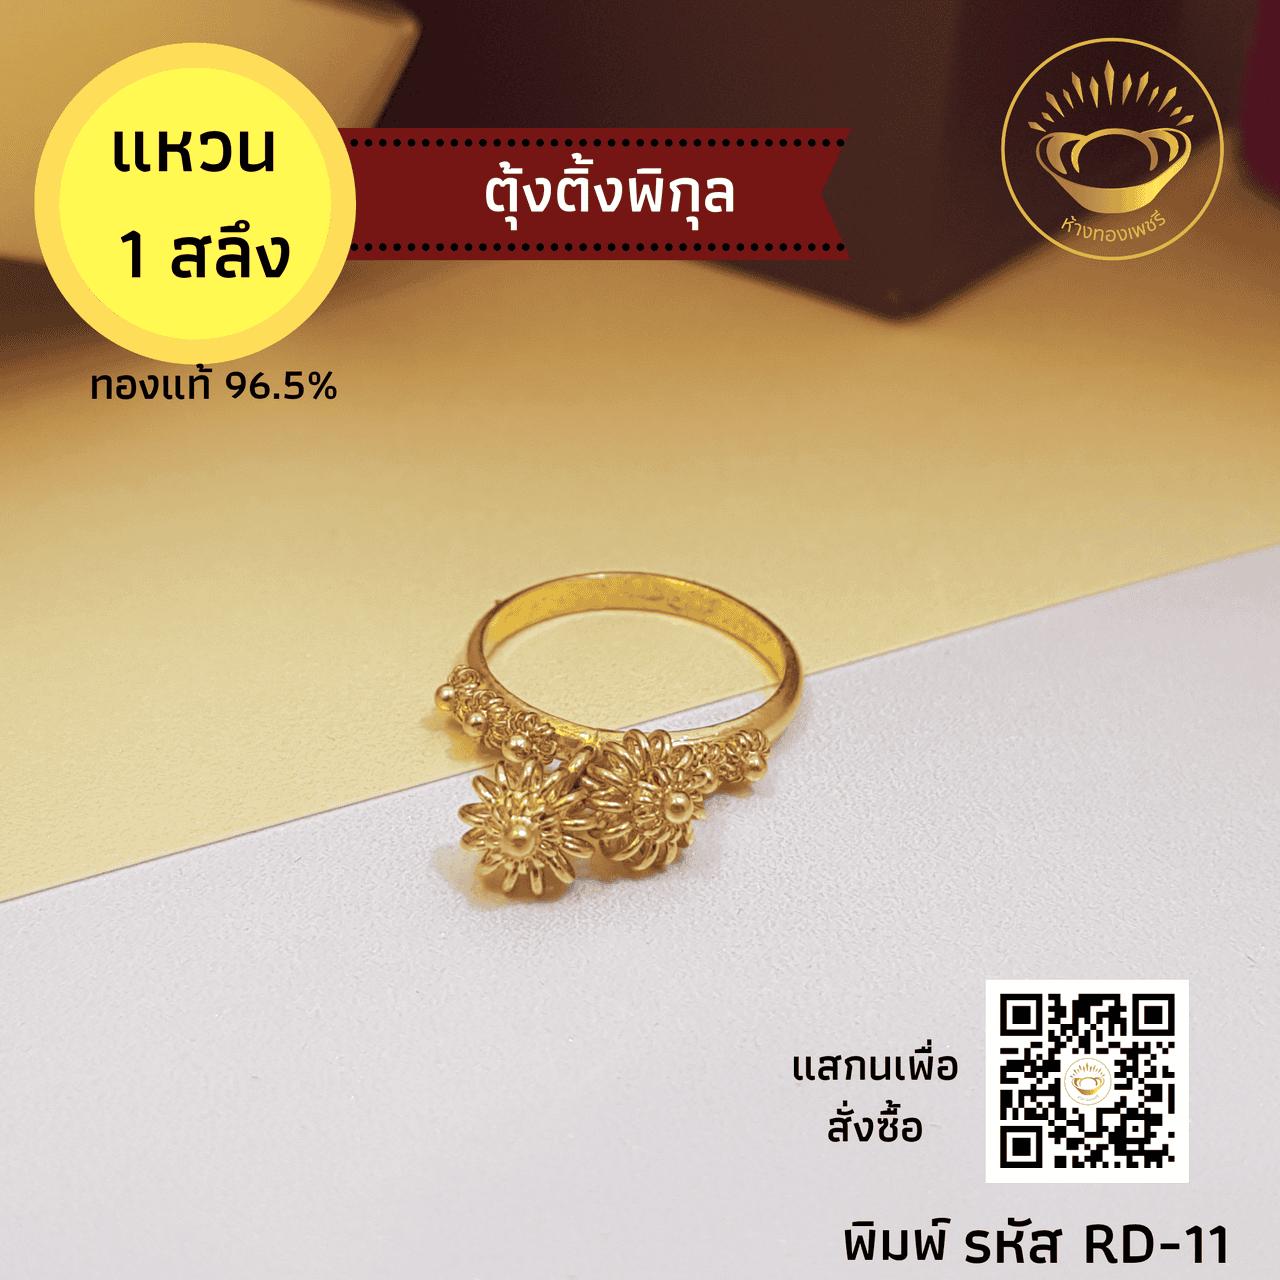 แหวนทองคำแท้ 1สลึง(3.79 กรัม)  ตุ้งติ้งพิกุล RD-11